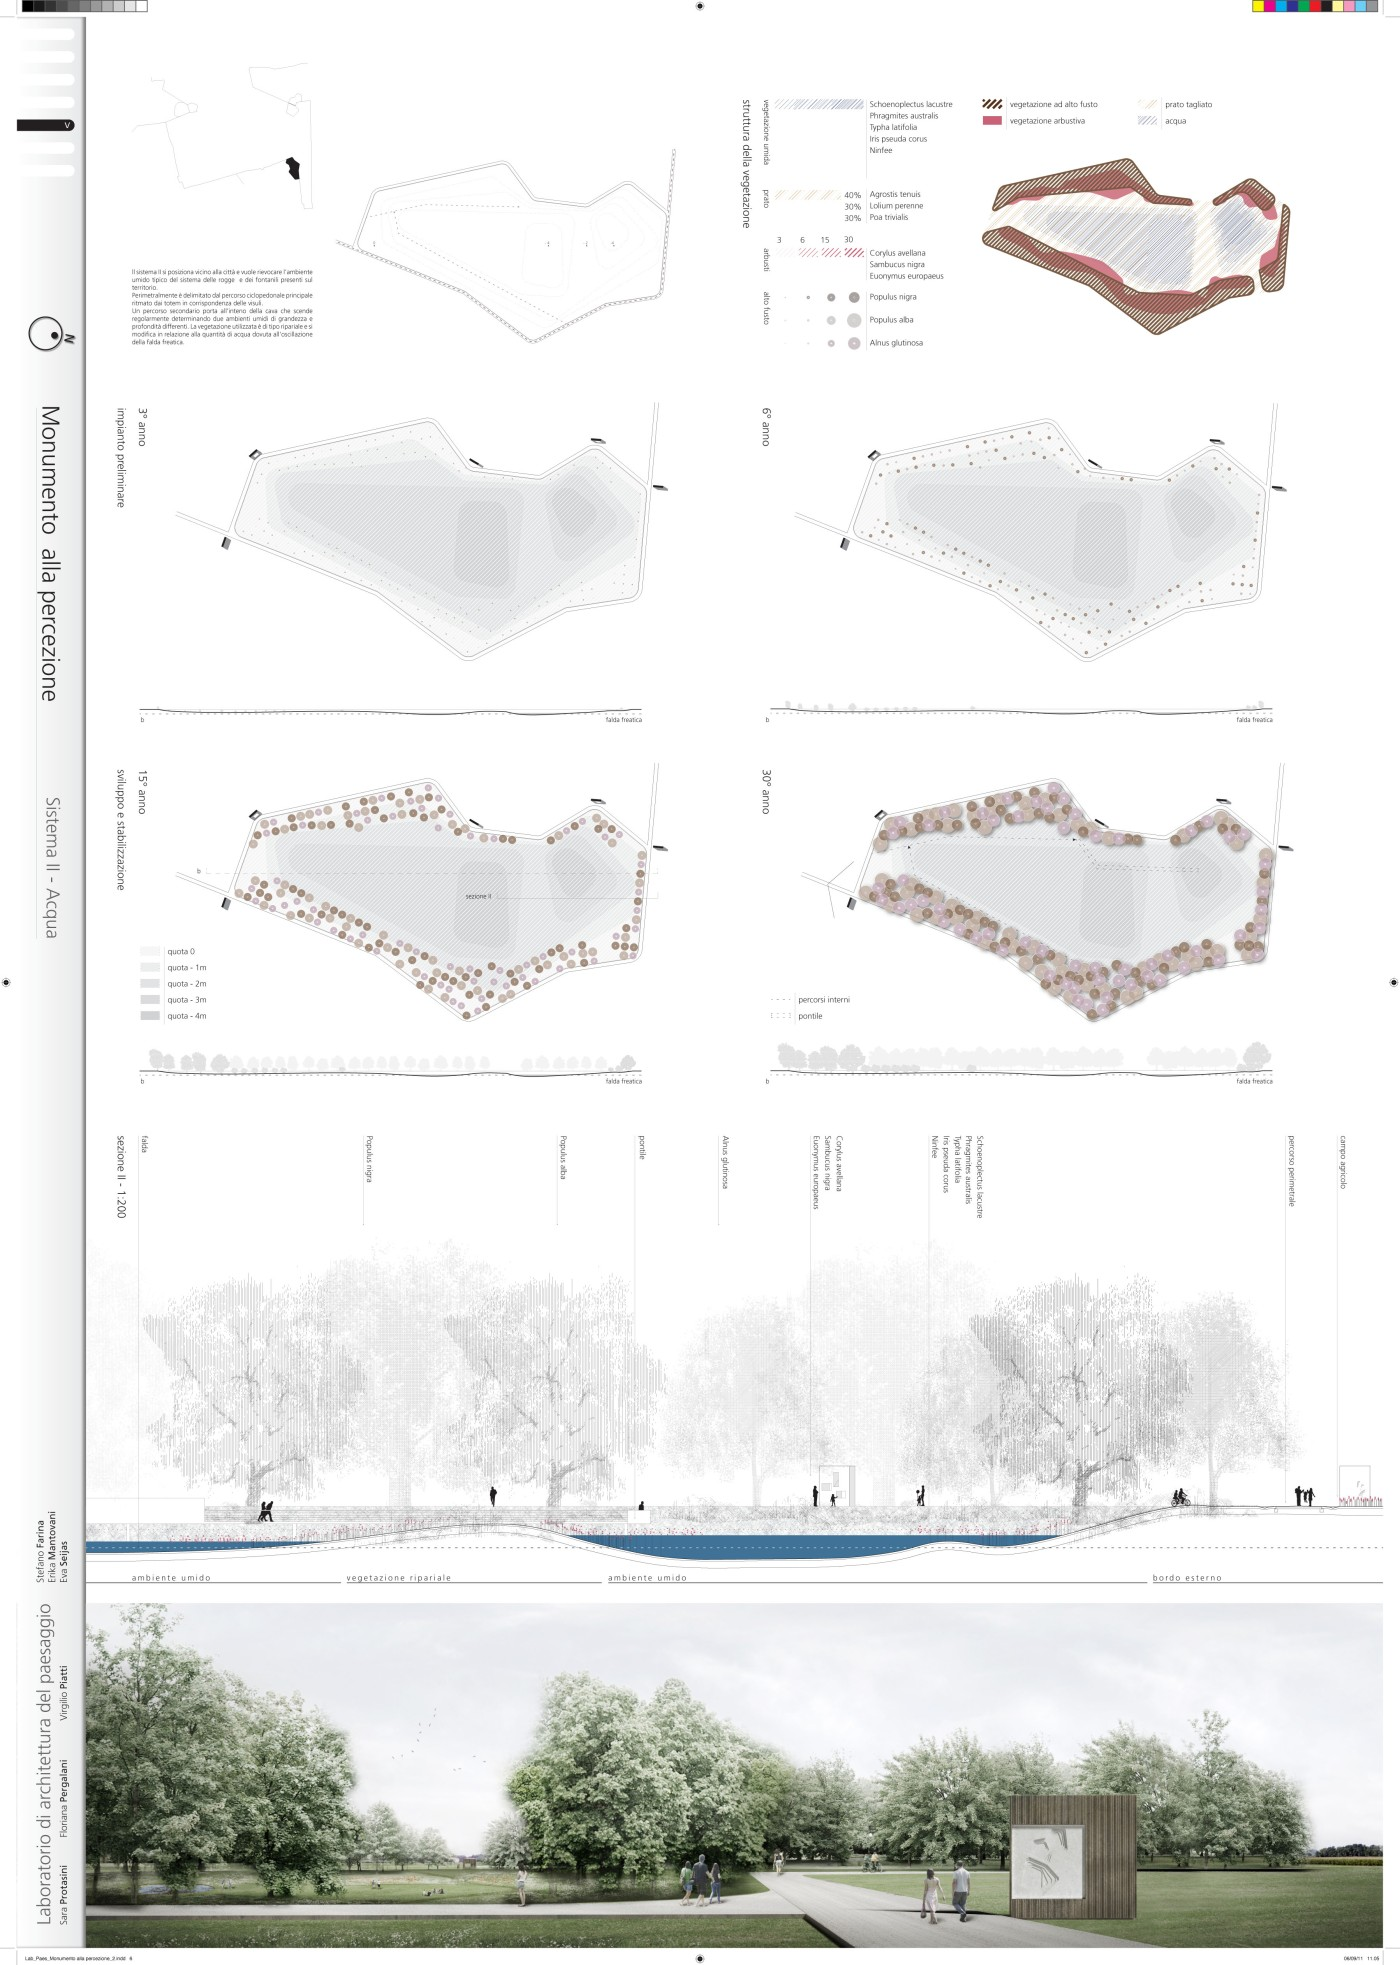 Lab_Paes_Monumento alla percezione_9-3a-6